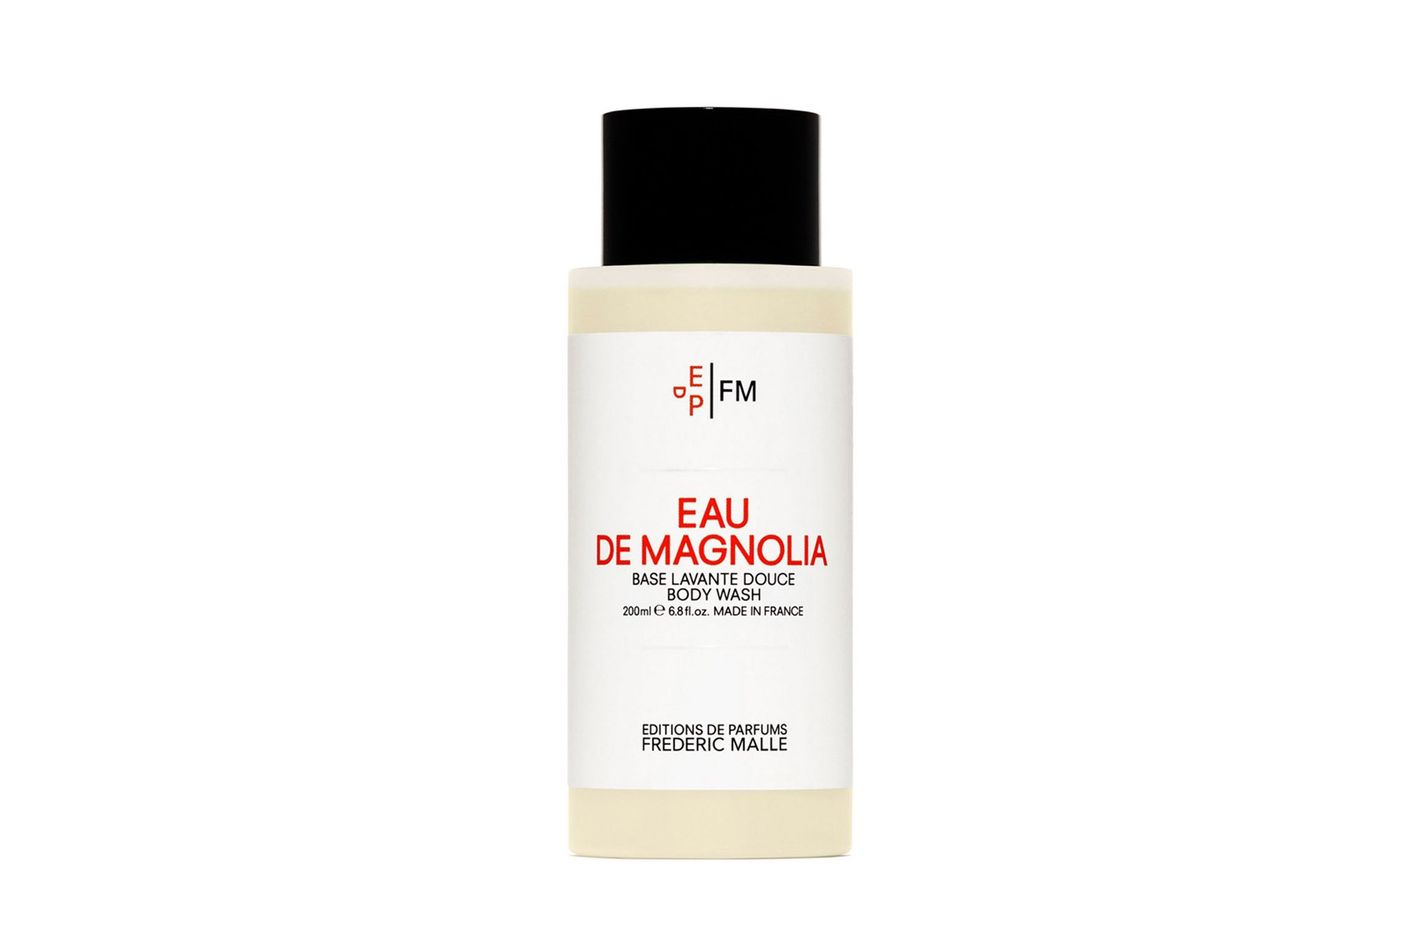 Editions de Parfums Frédéric Malle Eau de Magnolia Body Wash